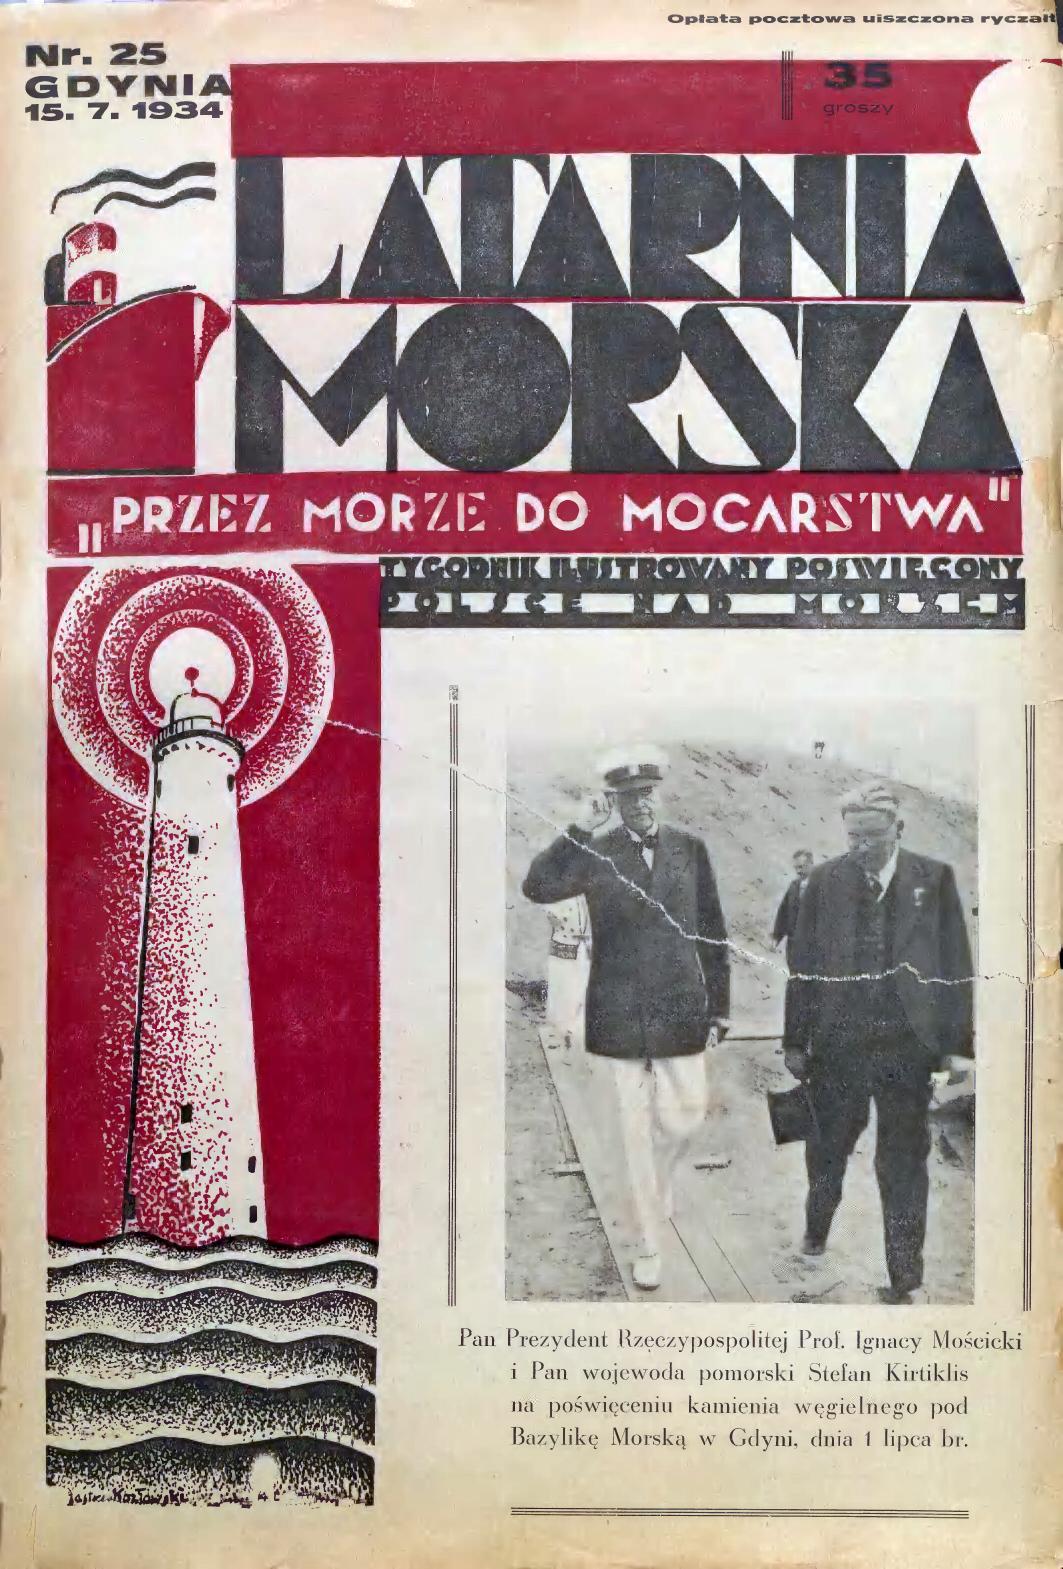 Latarnia Morska: tygodnik ilustrowany poświęcony Polsce nad morzem. – Gdynia : Balto Polak – Zakłady Graficzne i Wydawnicze, 1934, nr 25